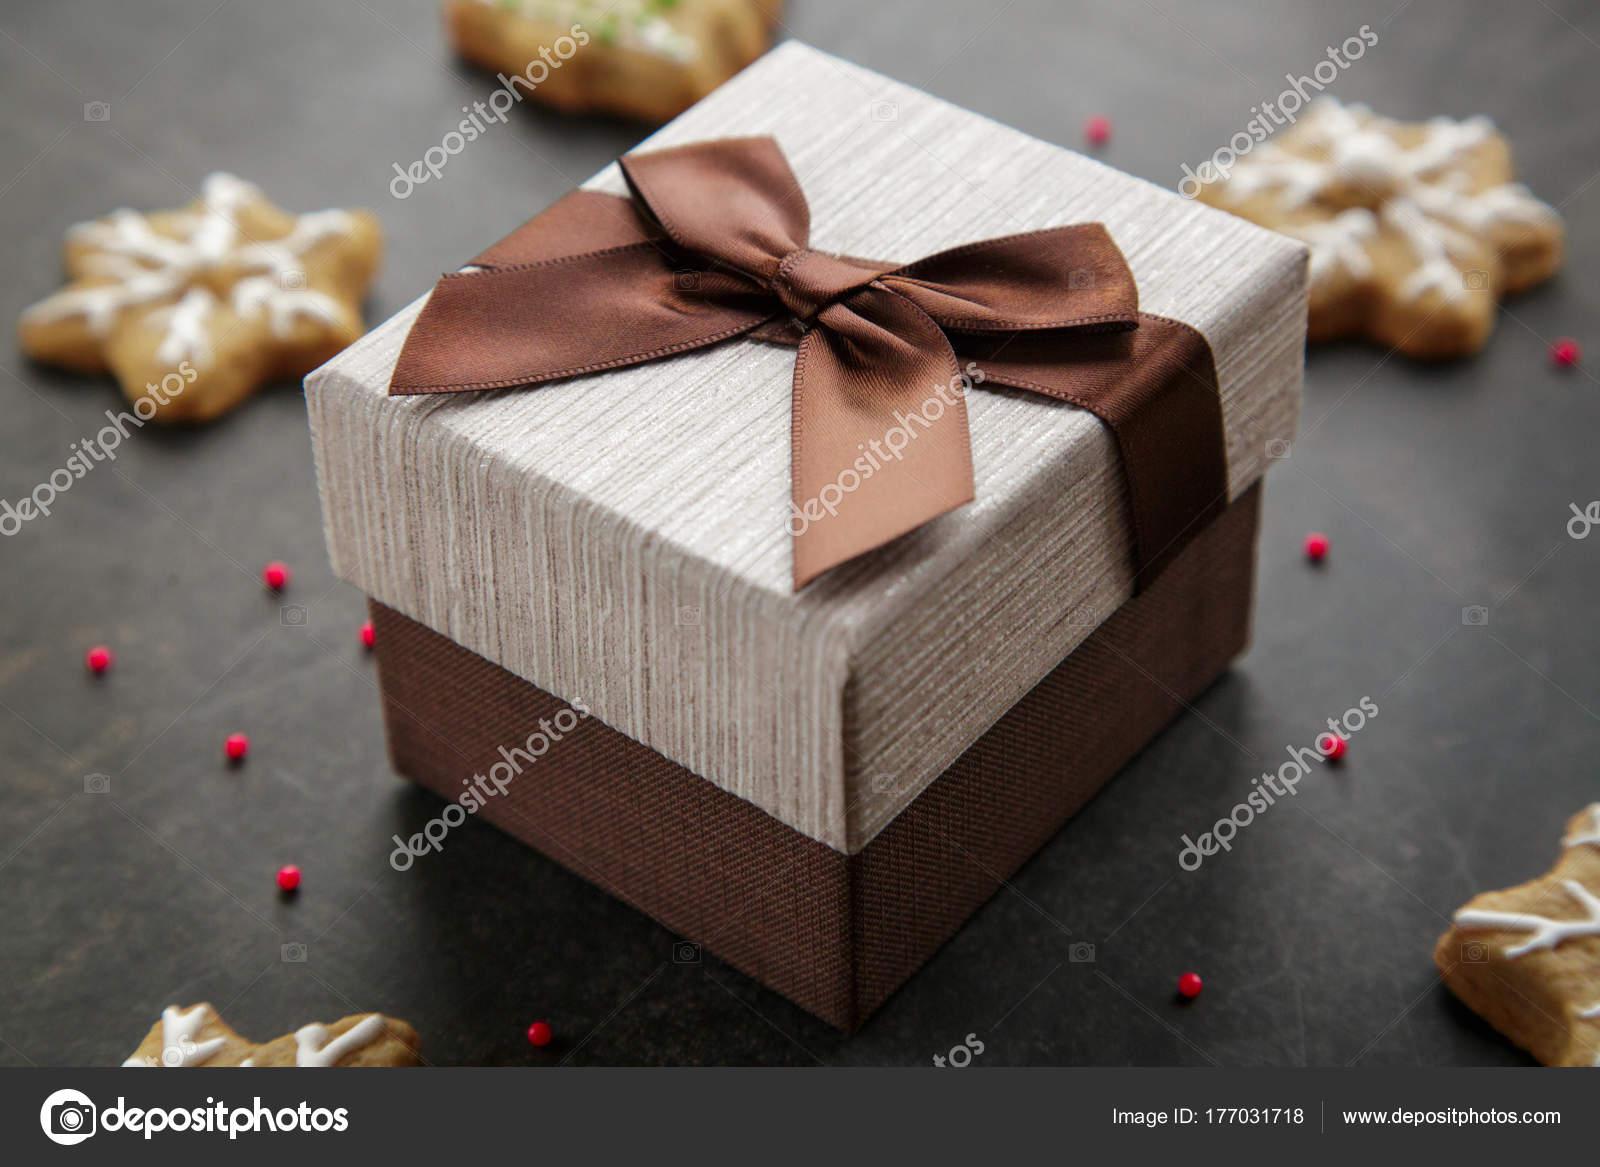 Braune Weihnachtskekse.Braune Geschenkbox Mit überraschung Stockfoto Dturphoto 177031718